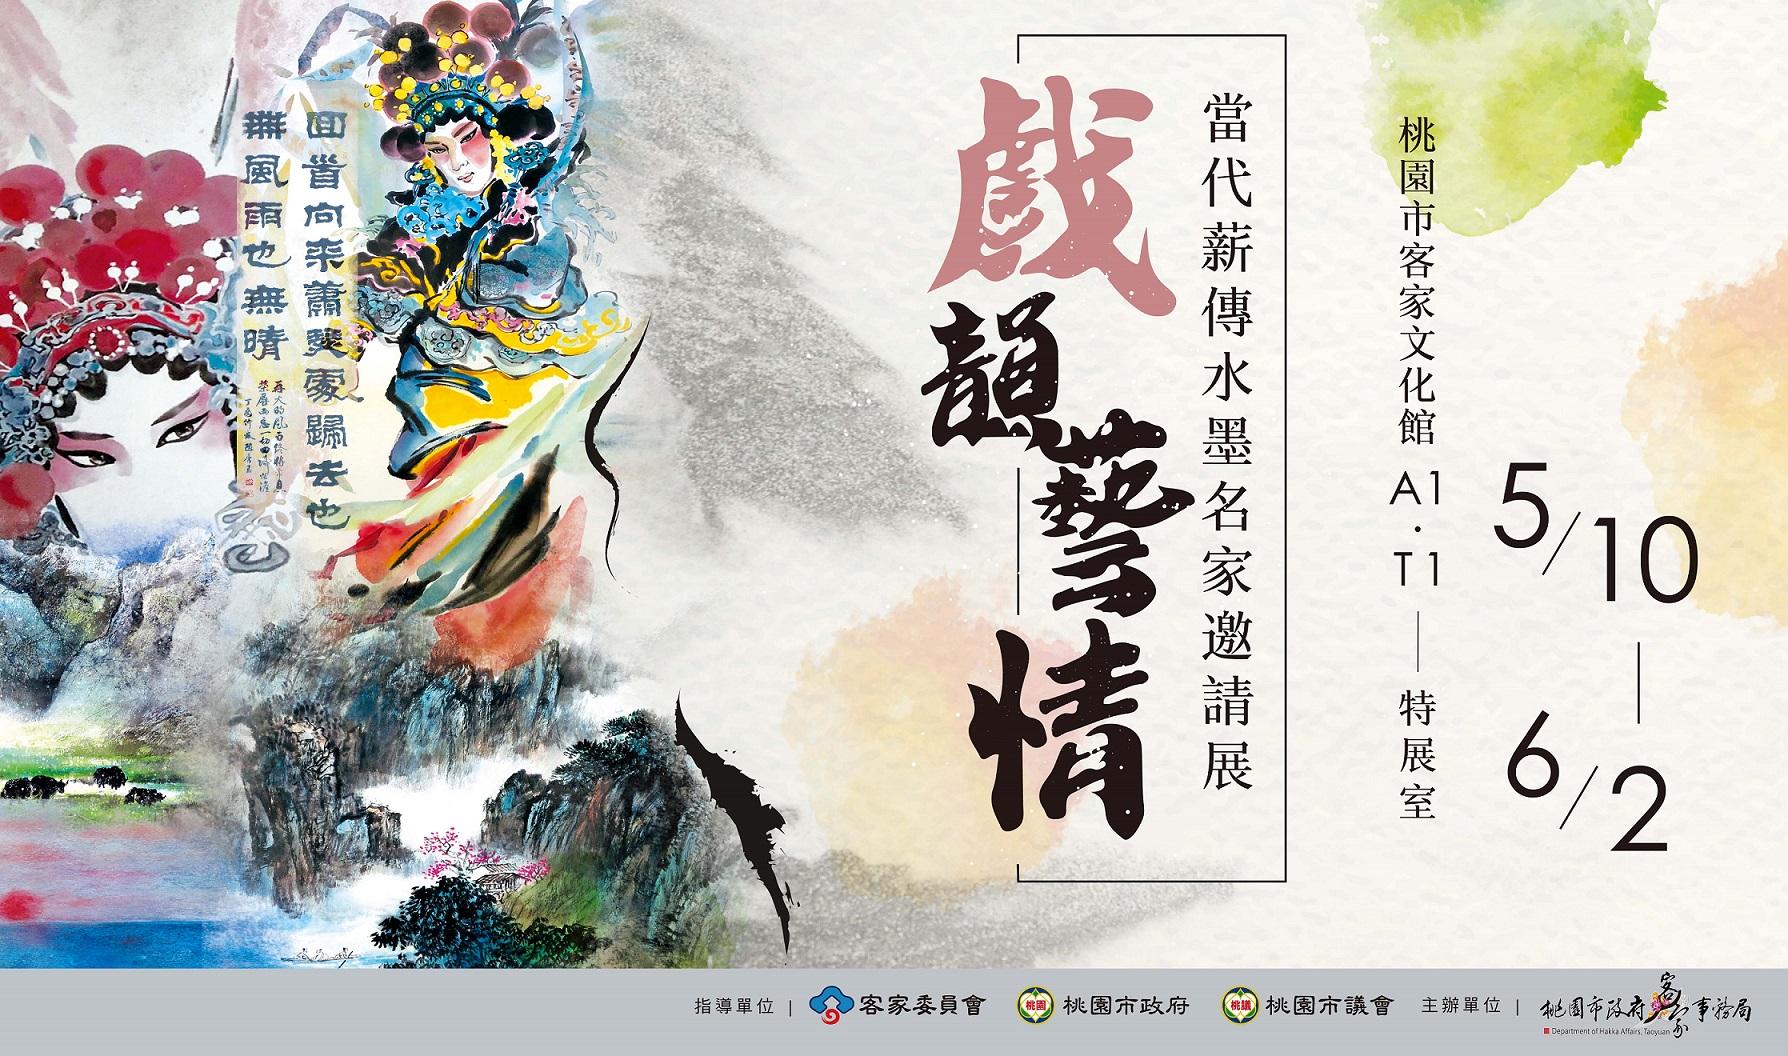 【客文館-特展室】 戲韻藝情-當代薪傳水墨名家邀請展